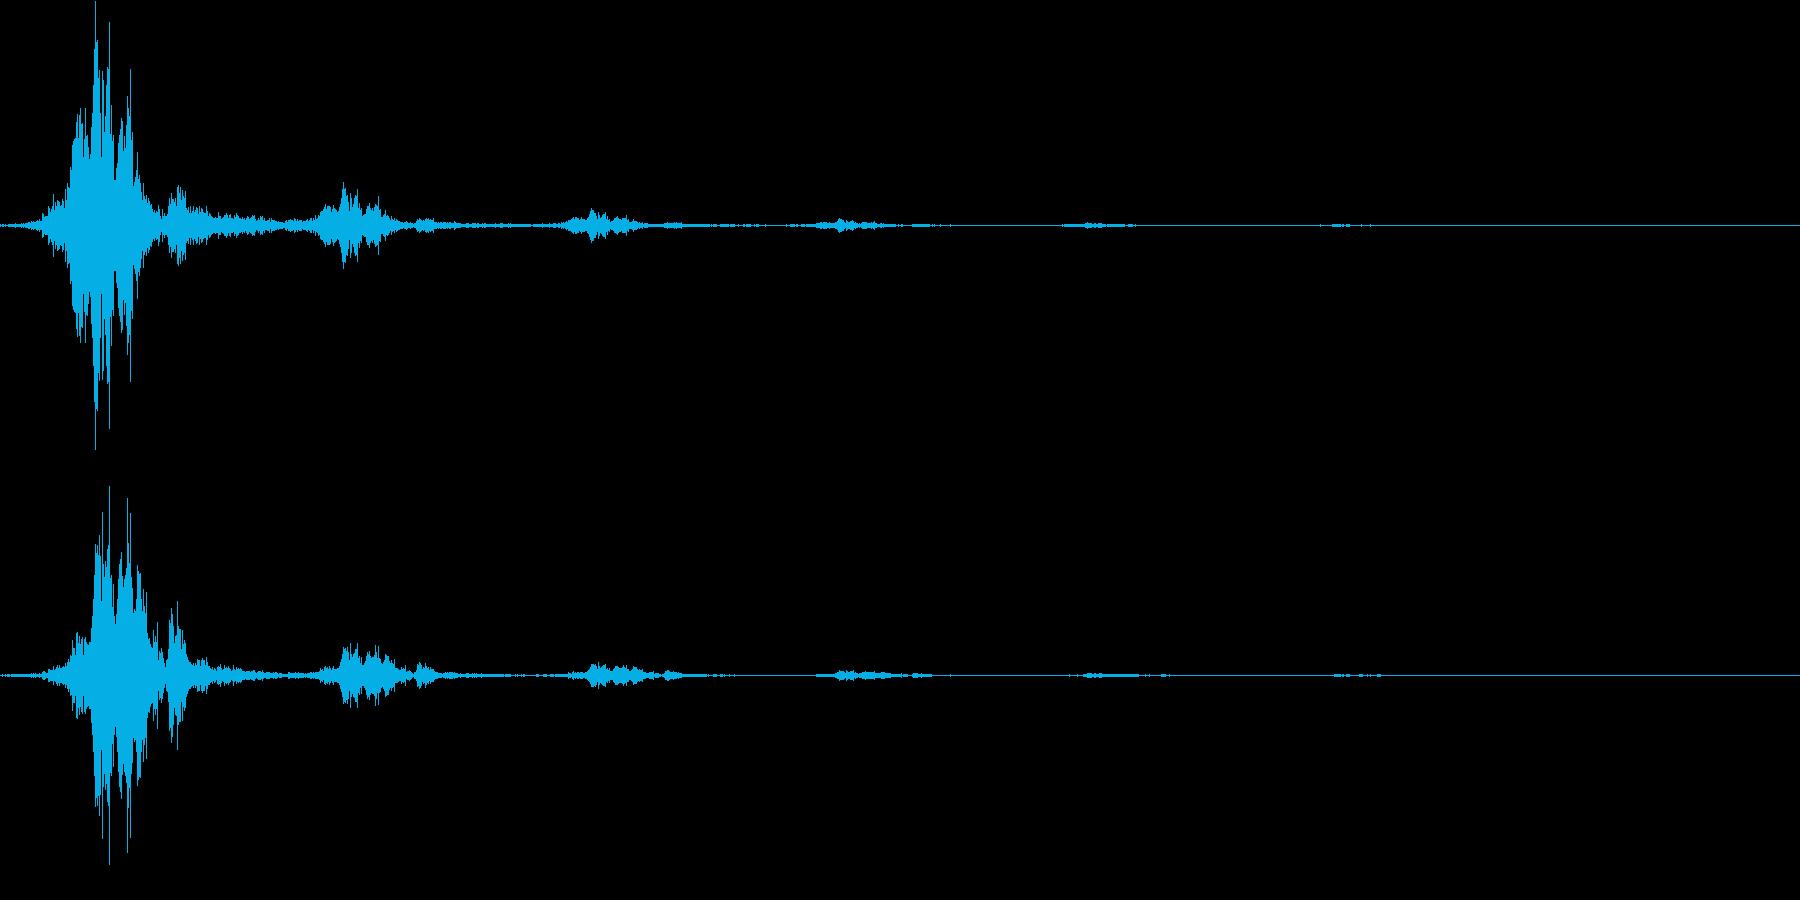 ジャンプ(エコー入り)の再生済みの波形